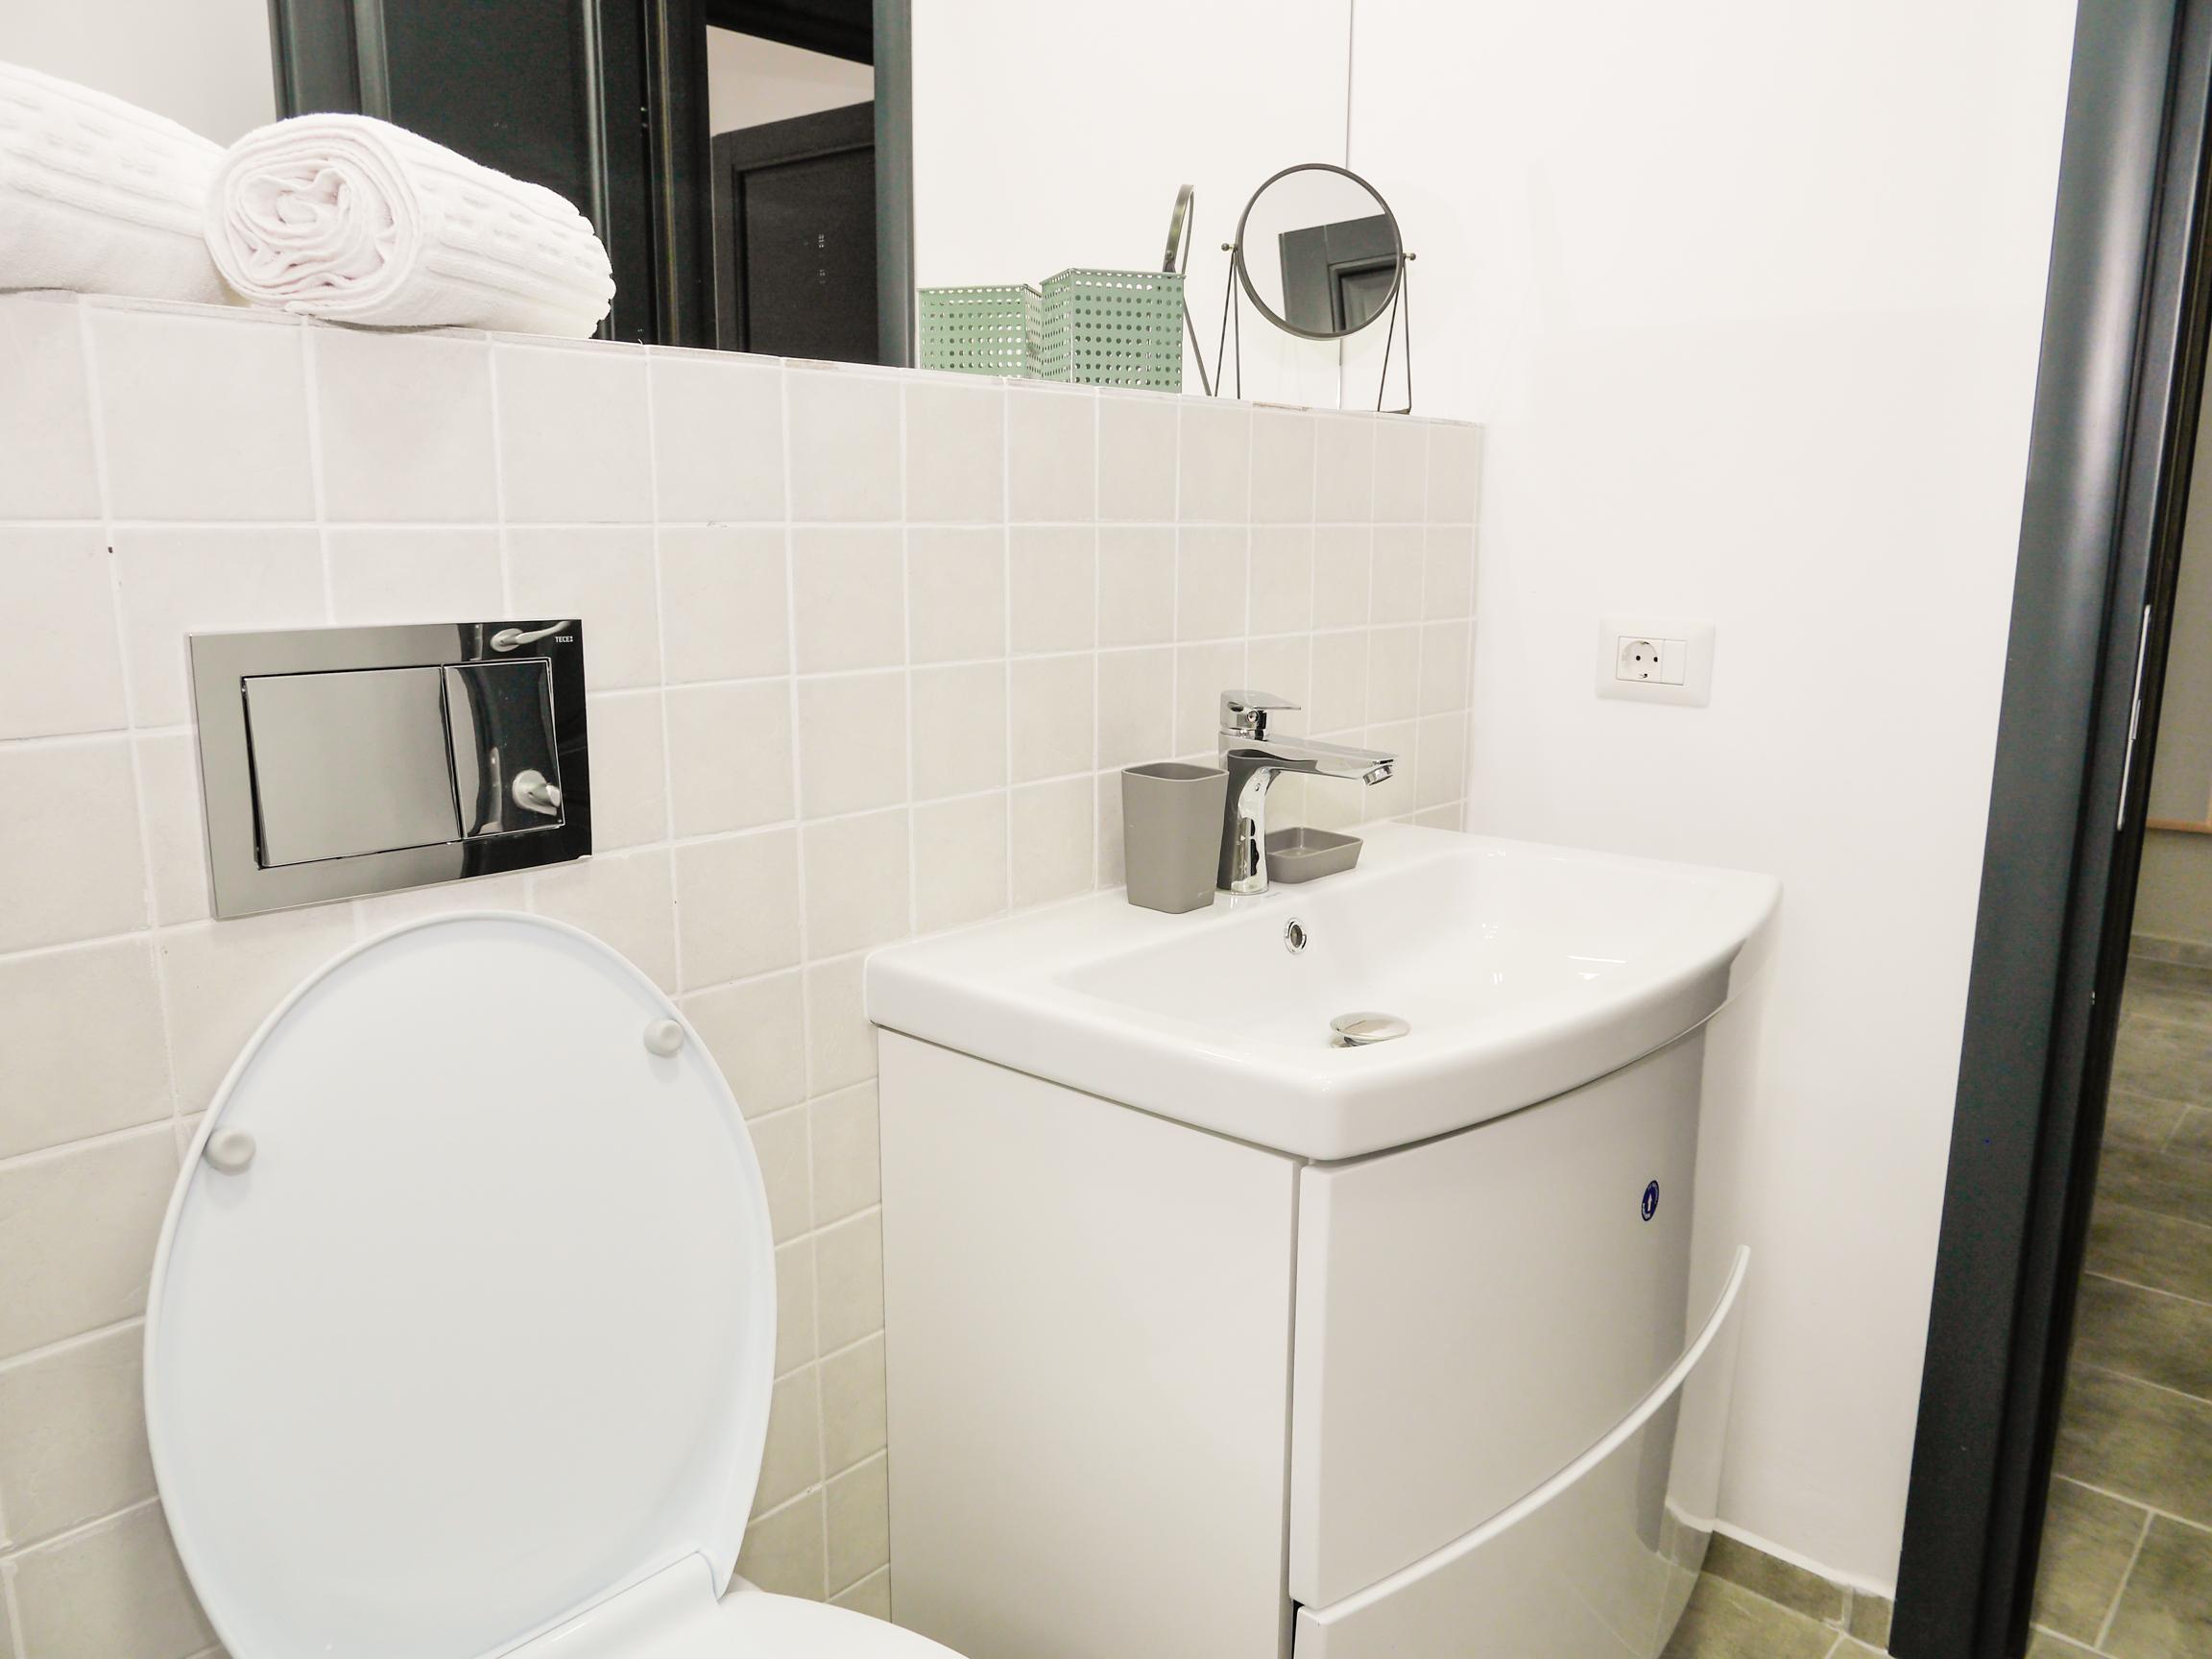 Clement Apartments - apartamente de inchiriat in regim hotelier - cazare neamt - cazare piatra neamt - apartament 9 (12)